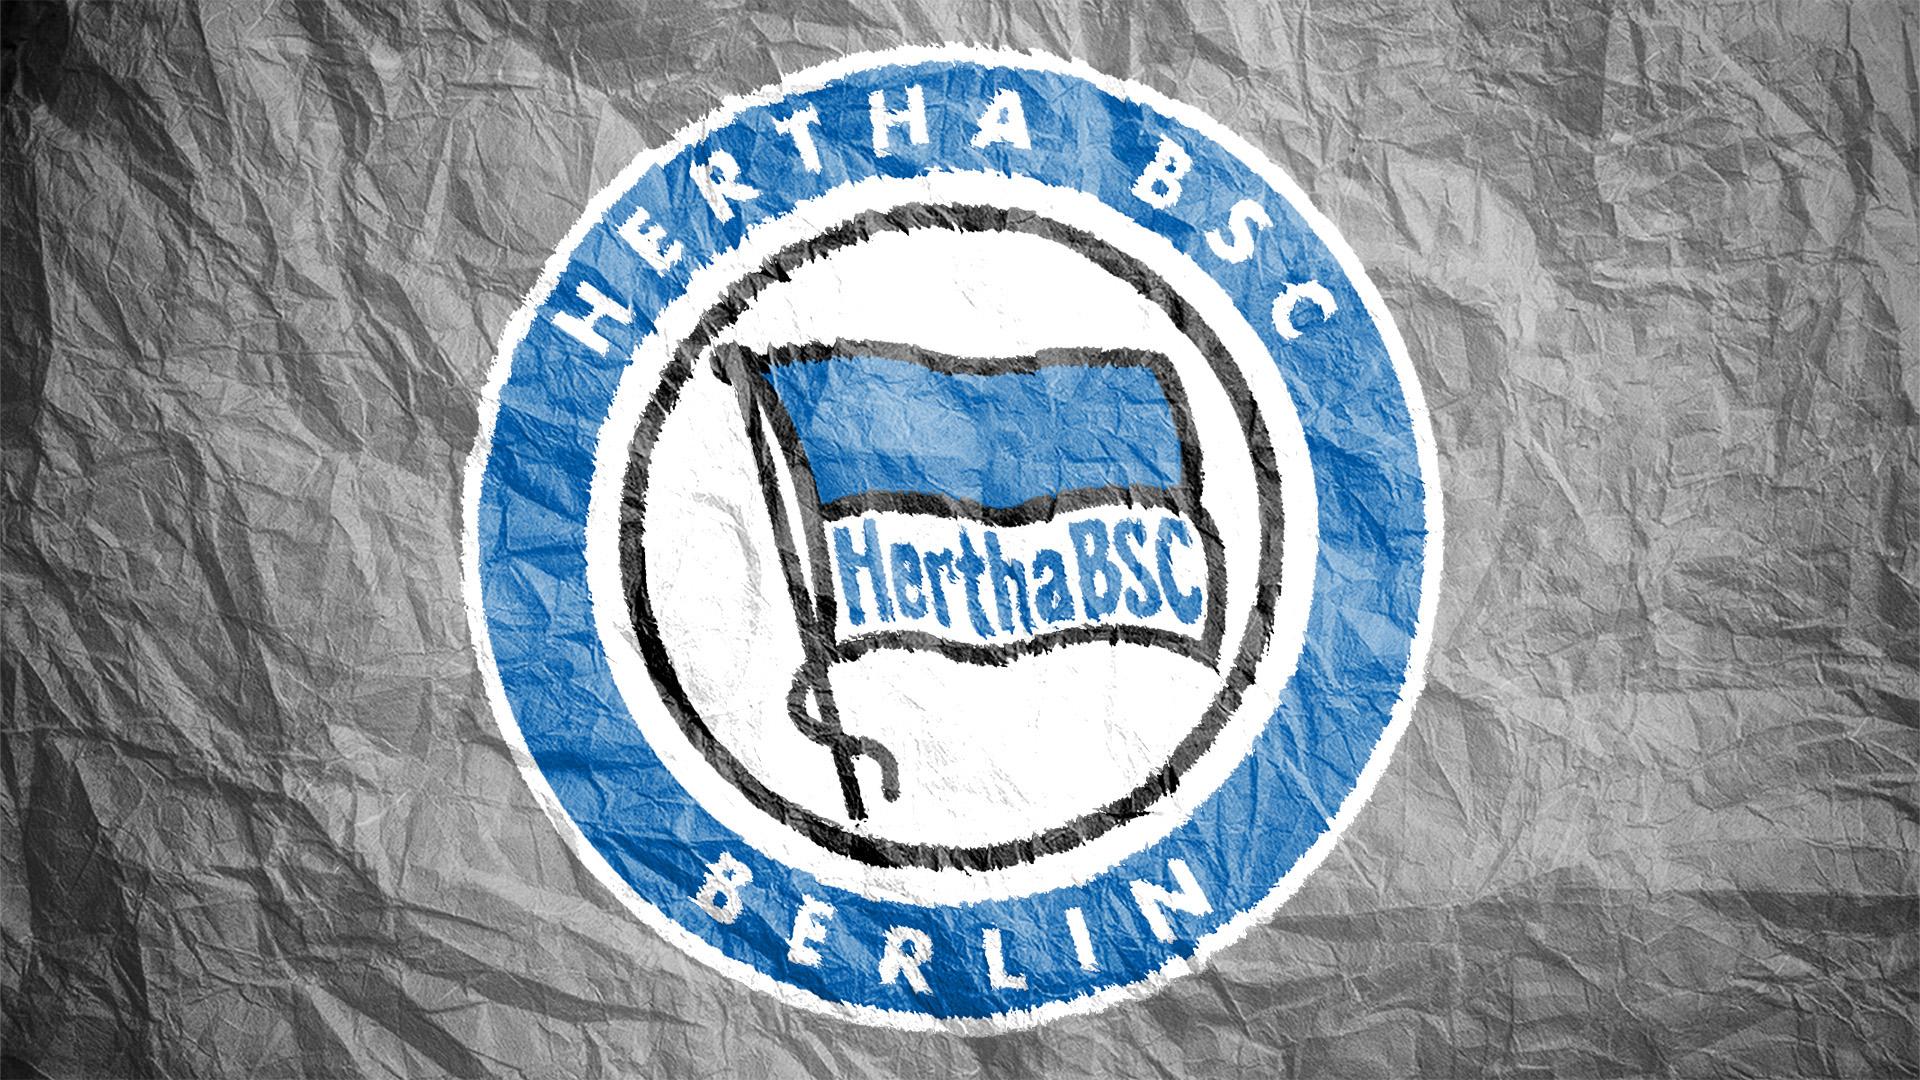 hertha bsc berlin transfermarkt